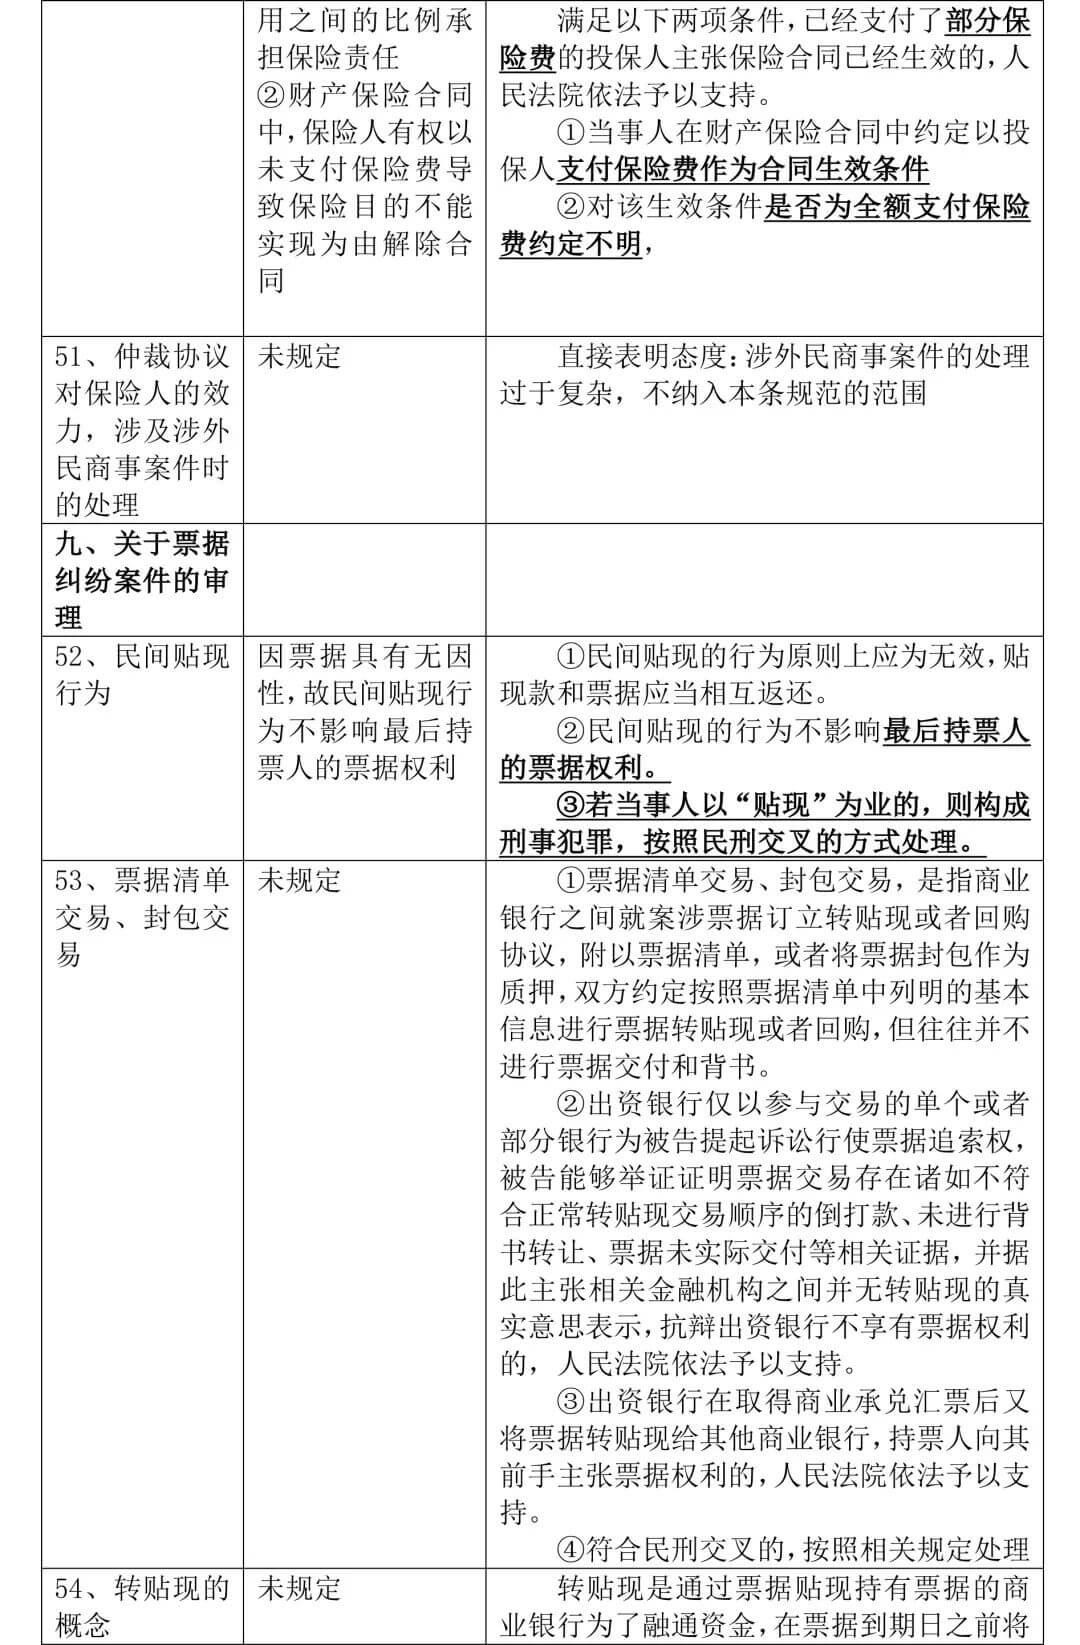 《全国法院民商事审判工作会议纪要》正式稿与征求意见稿对比,65处修改